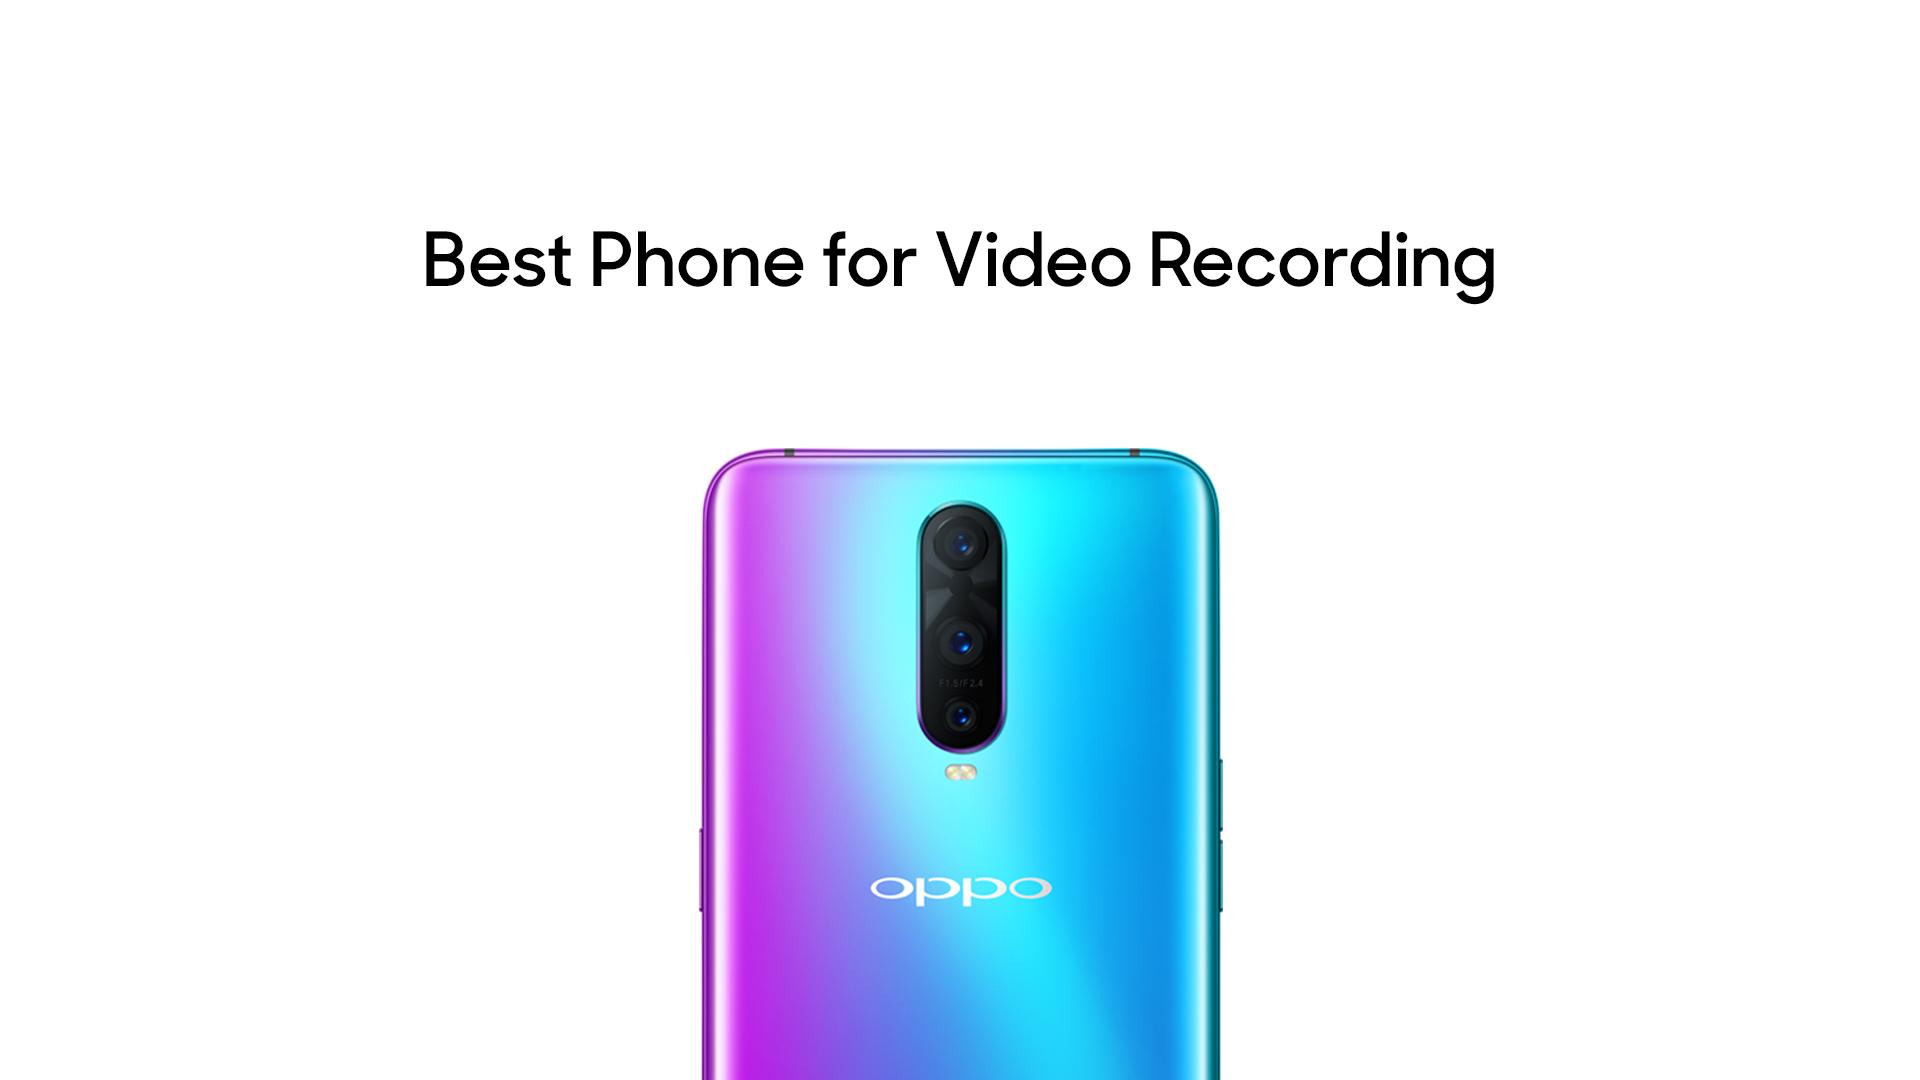 OPPO mobile - Best camera phones | OPPO Australia